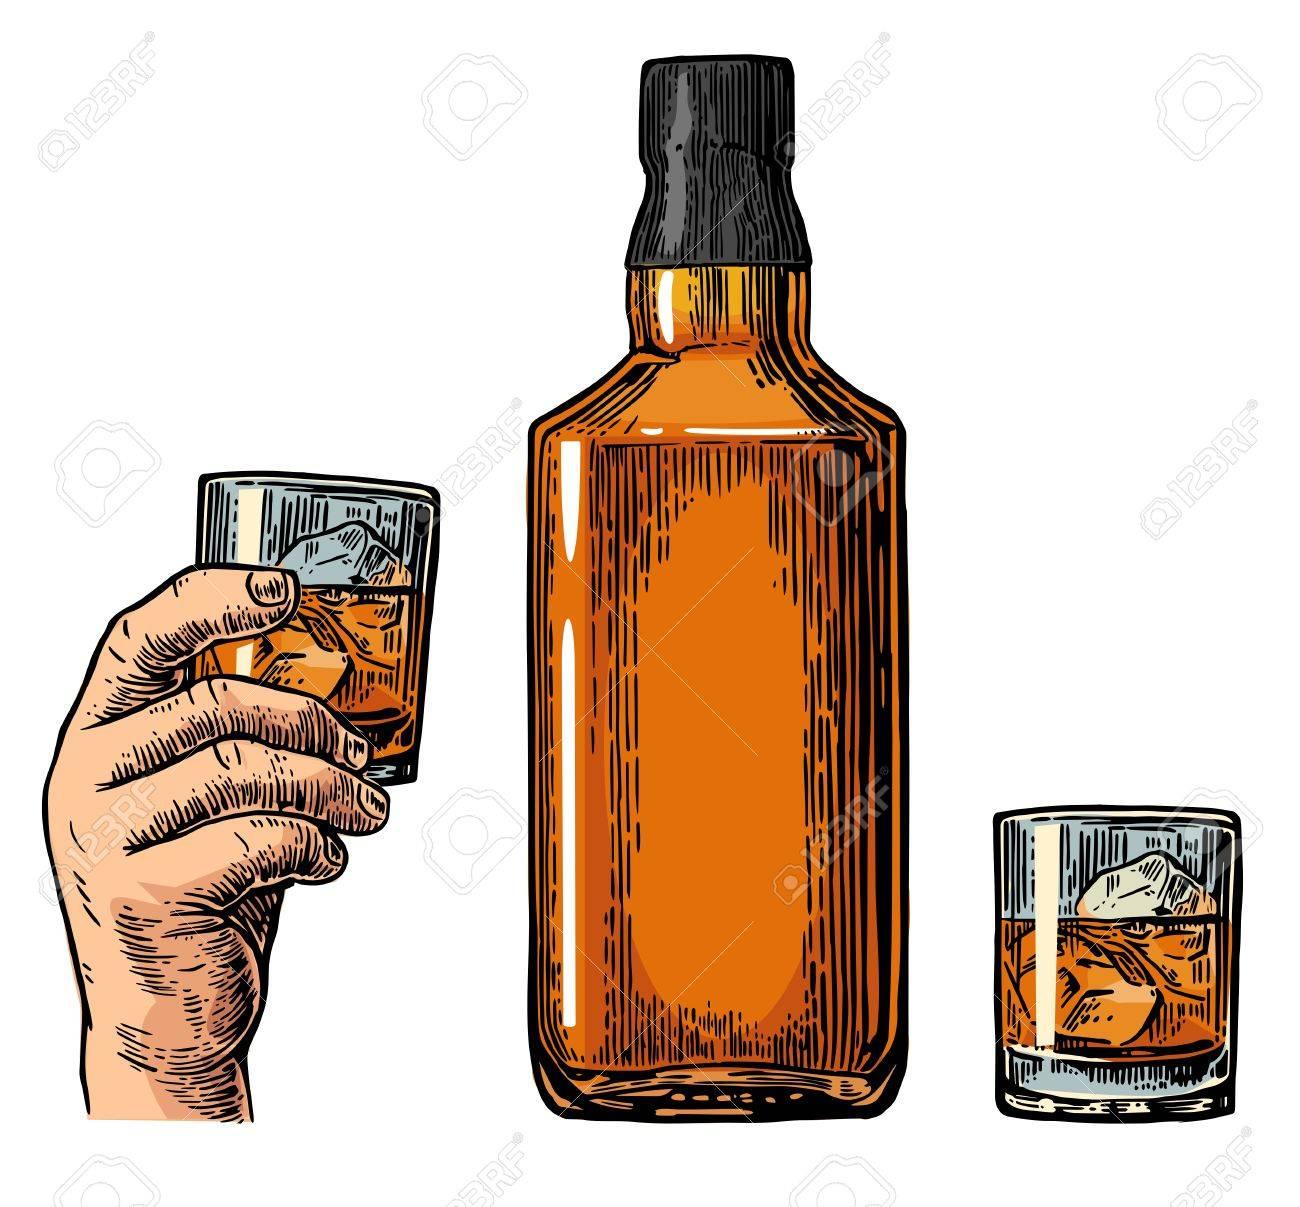 Whiskey Flasche Und Hand Hält Glas Jahrgang Farbe Gravur